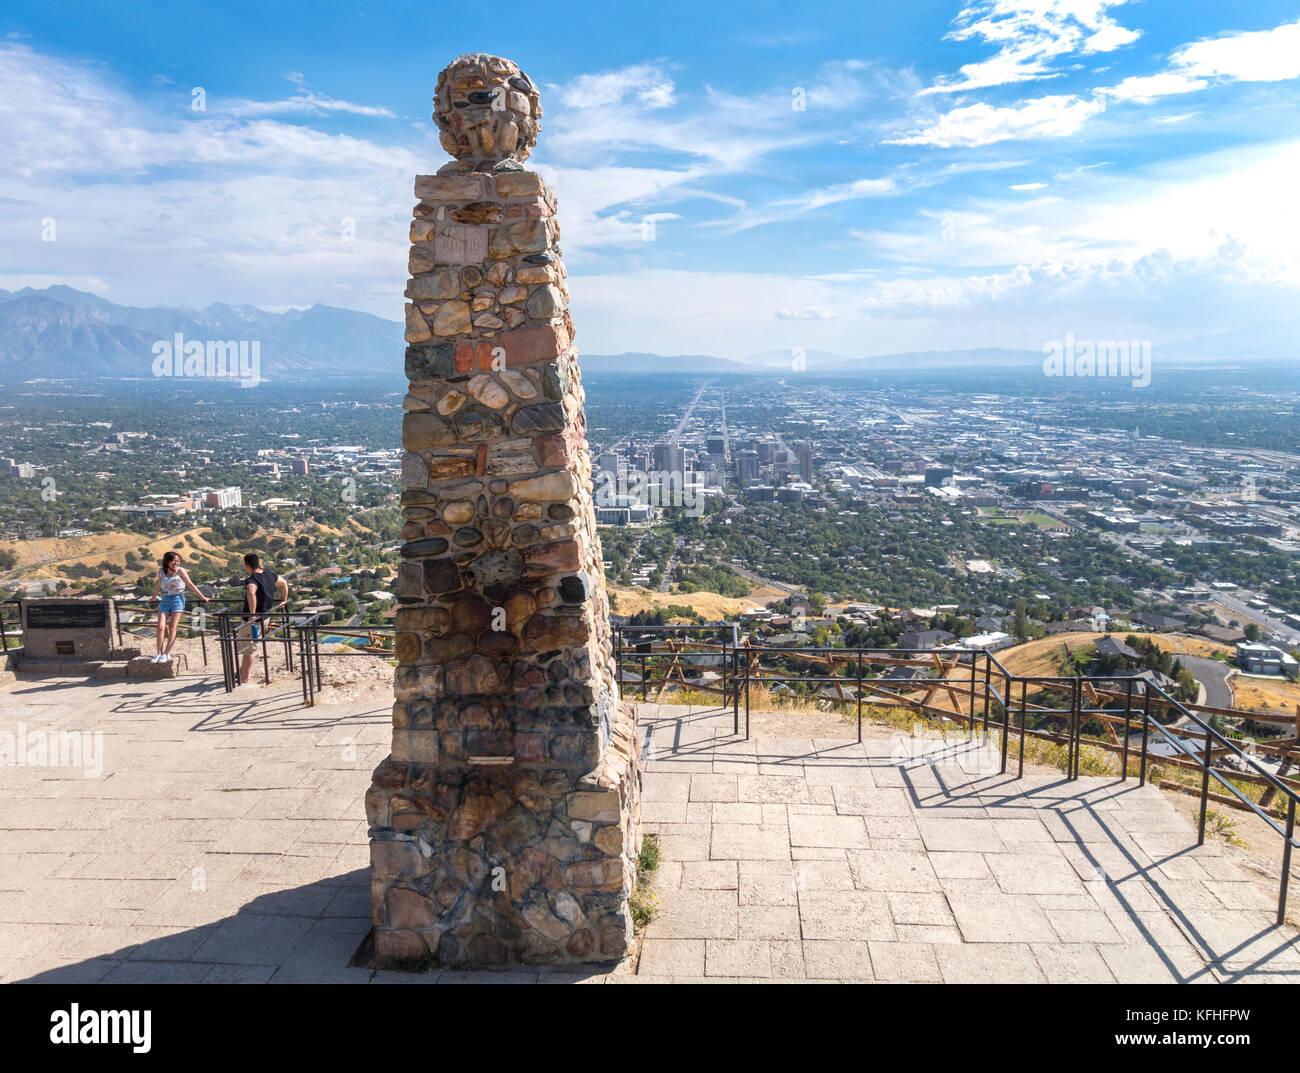 Salt Lake City Ensign Peak Scenic si affacciano. Coppia giovane a alfiere di punta il punto di vista che si affaccia su SLC Foto Stock